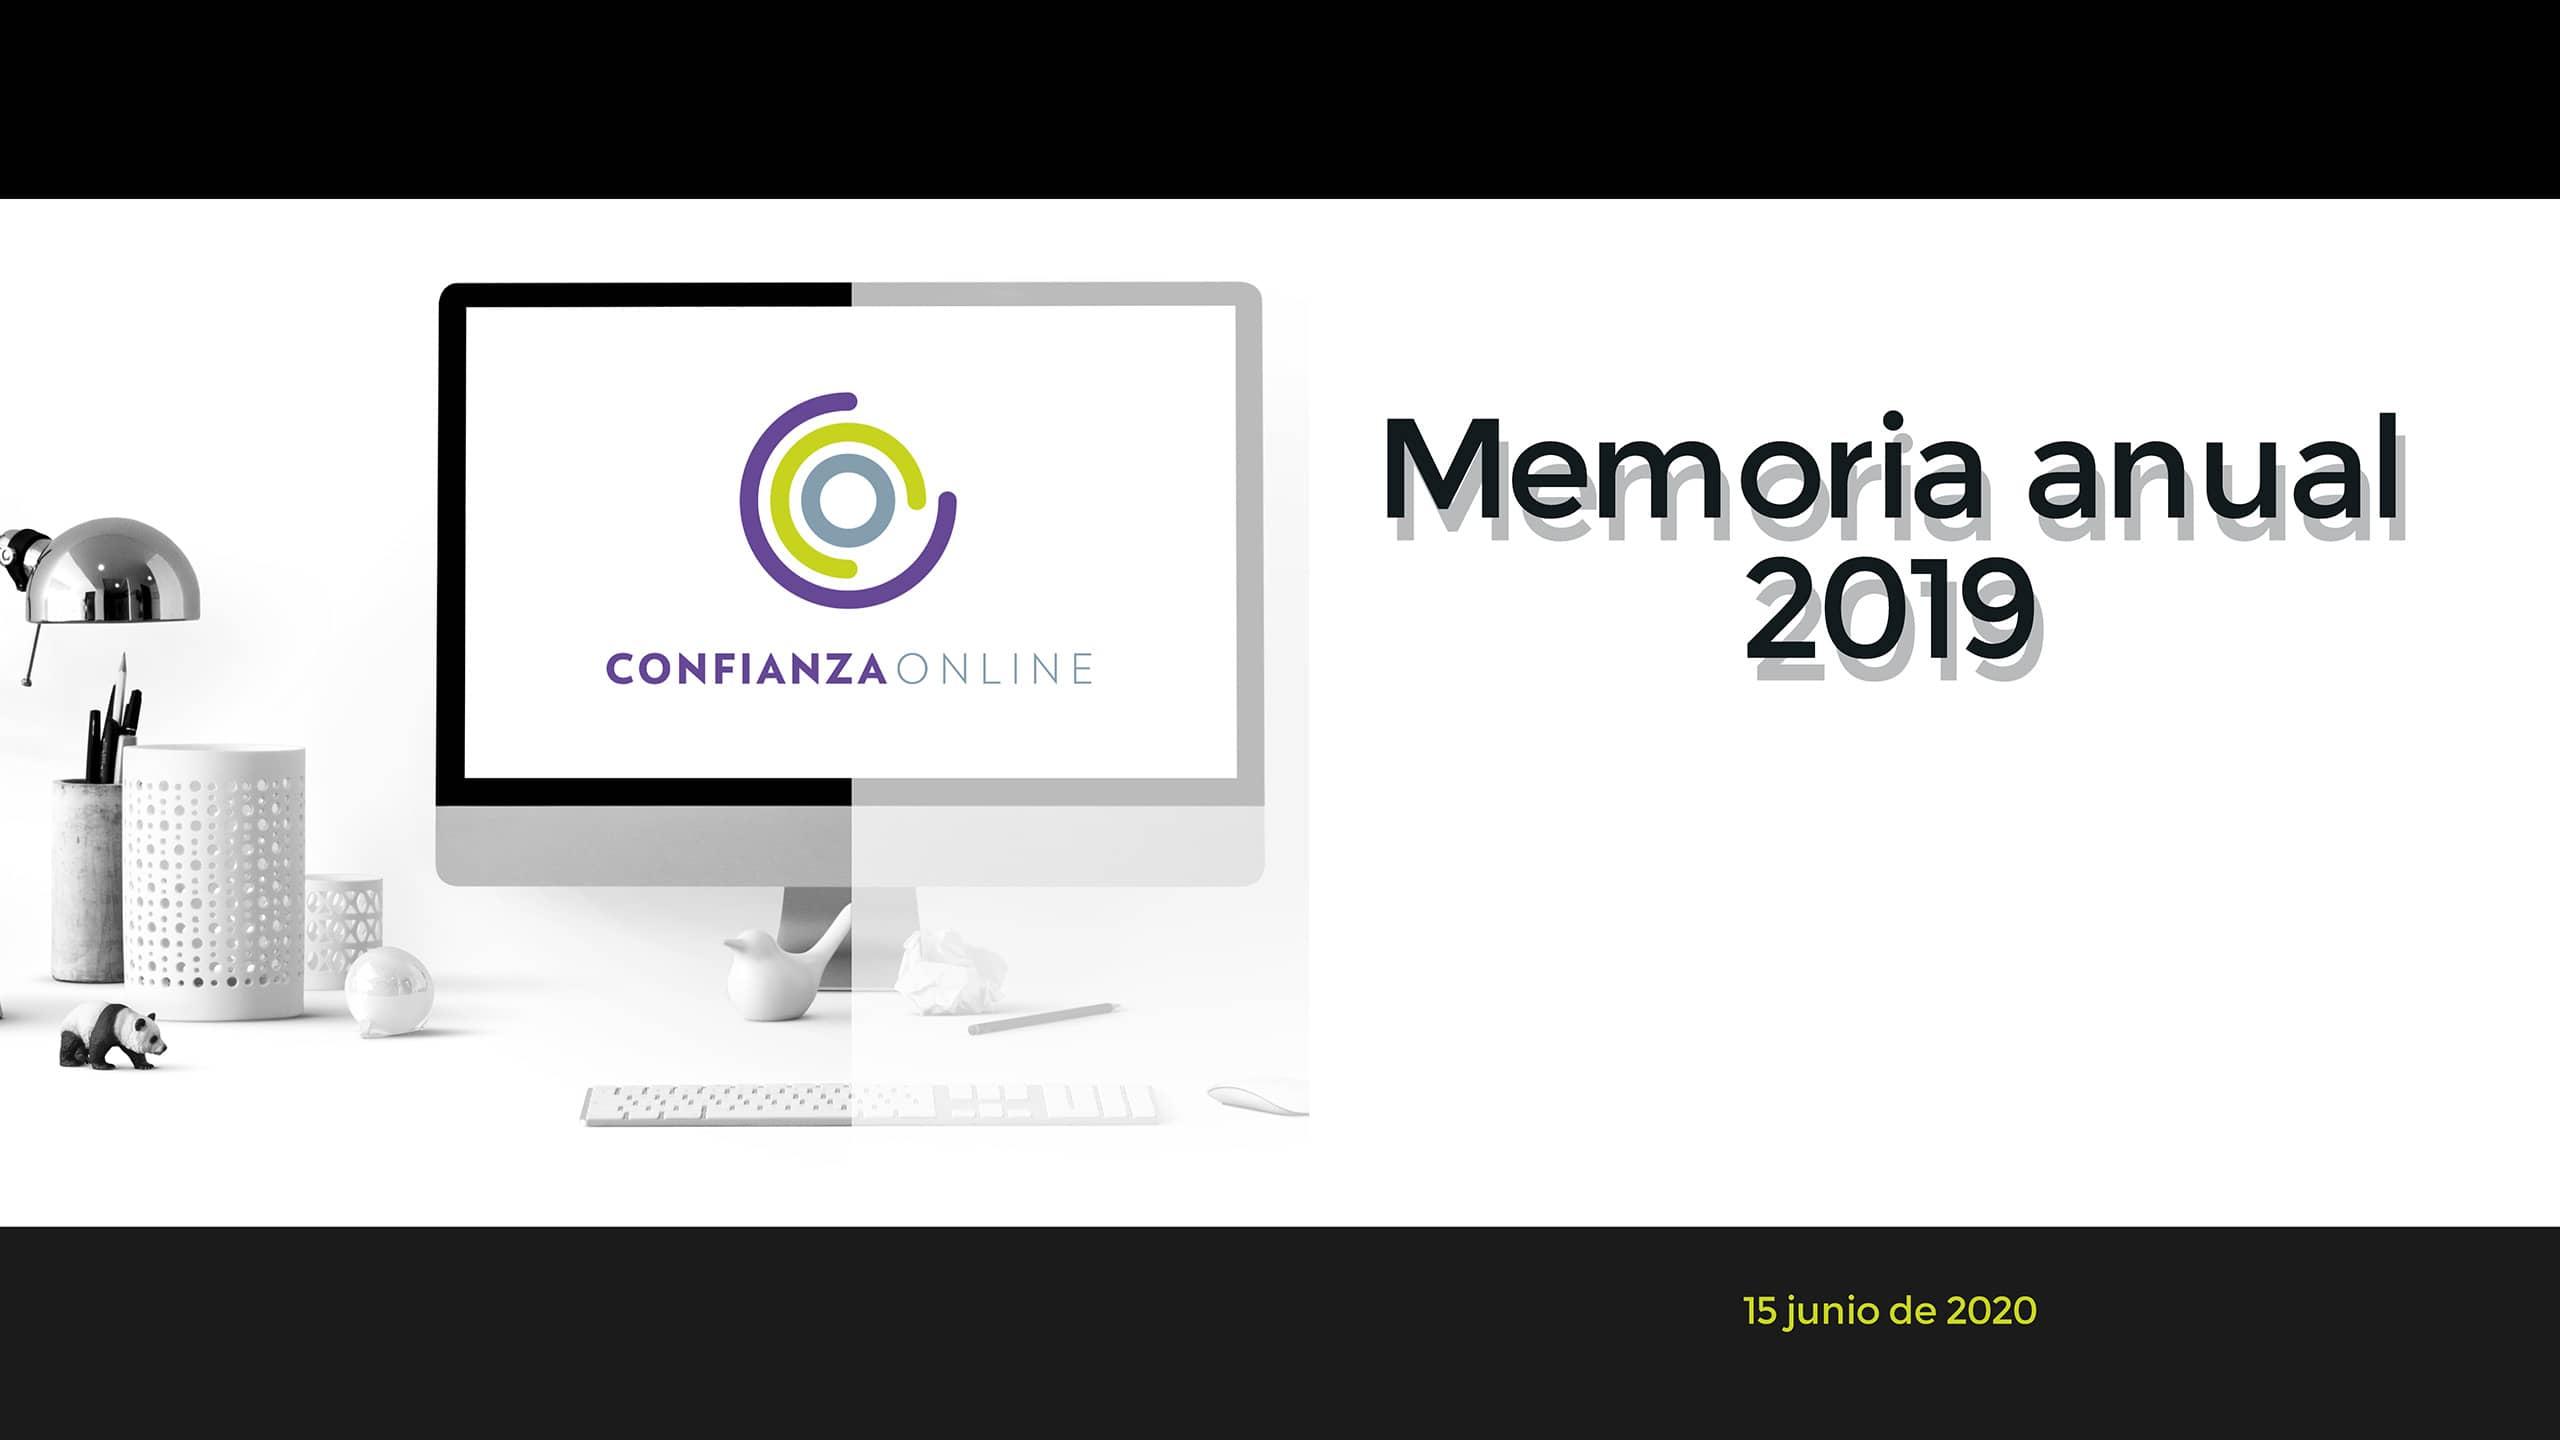 Memoria Confianza Online 2019